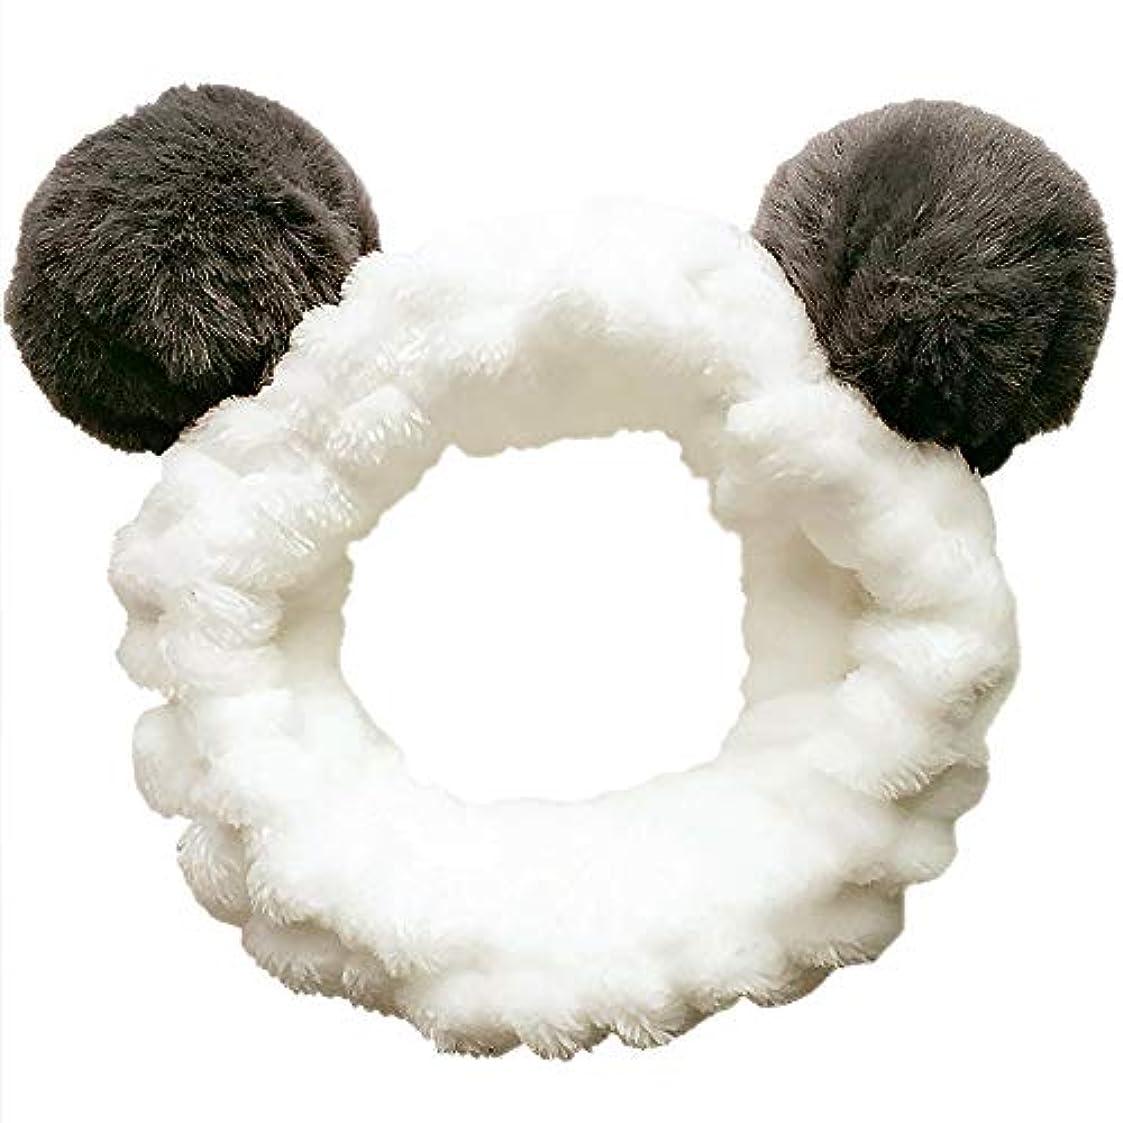 追い払うロビーポップヘアバンド 洗顔 動物 パンダ型 柔らかい 吸水 ターバン レディース ヘアアレンジ 伸縮性あり アニマル ふわふわ